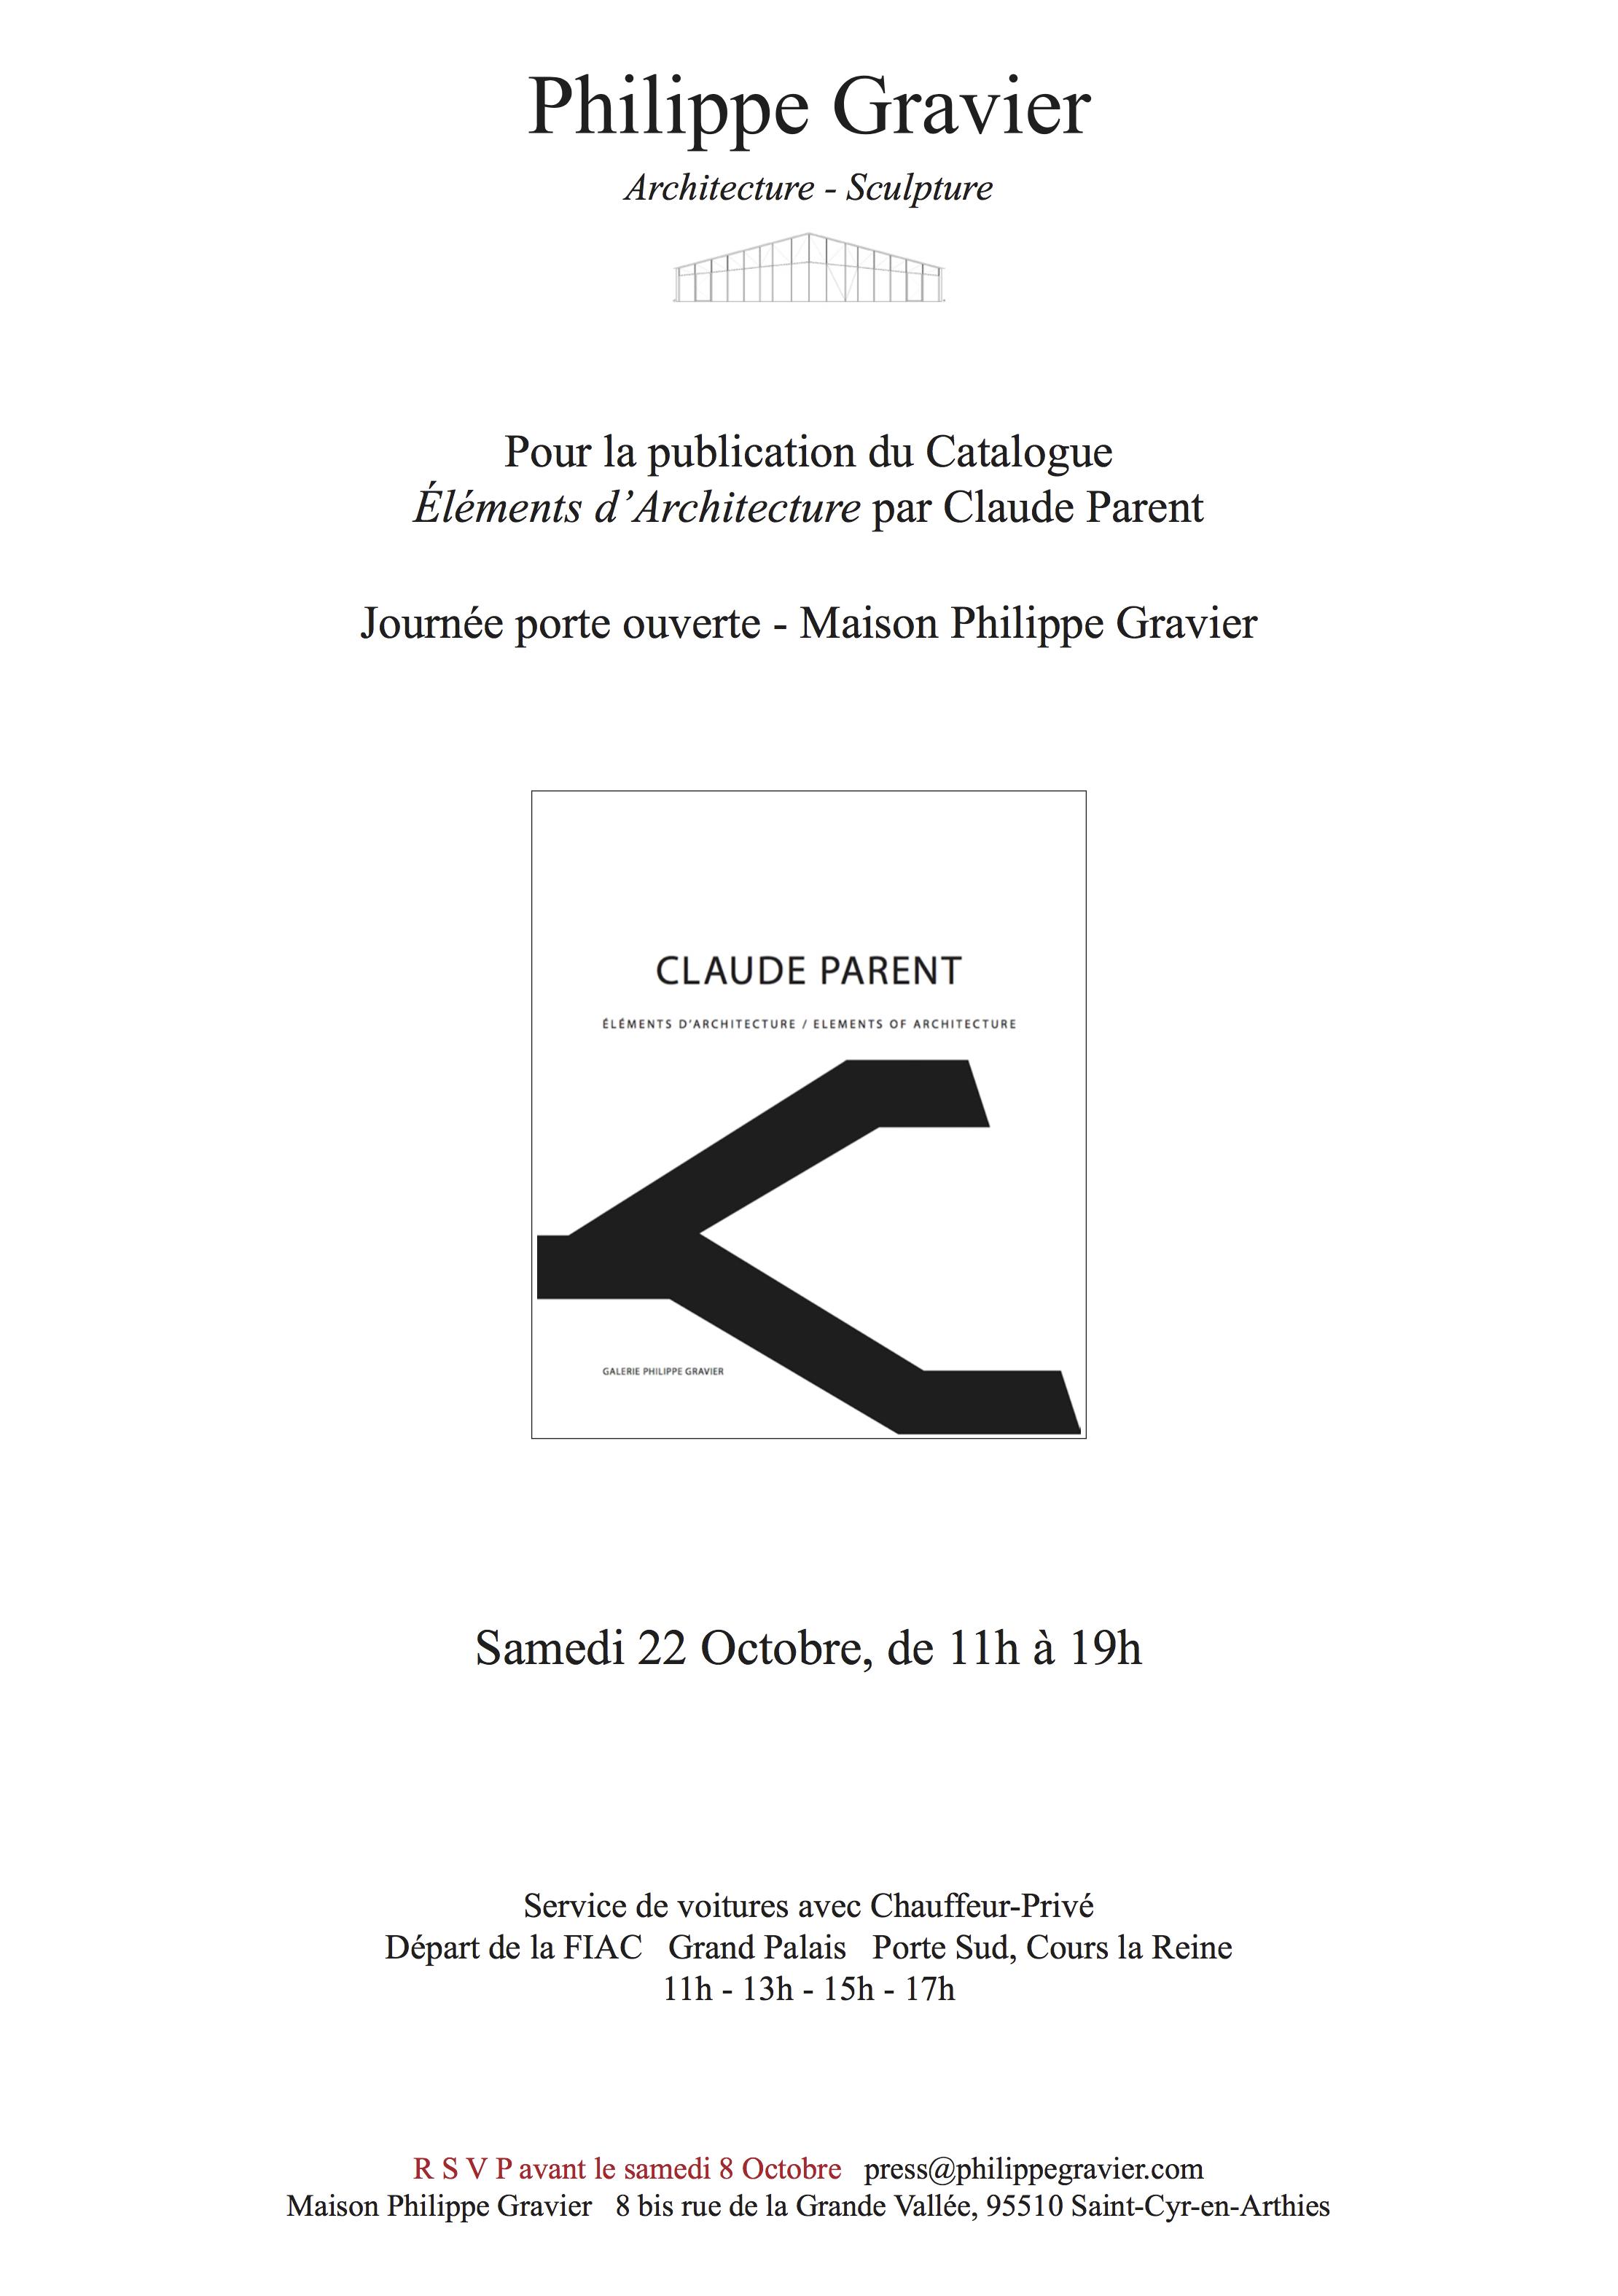 Publication du catalogue «Elements d'Architecture» par Claude Parent